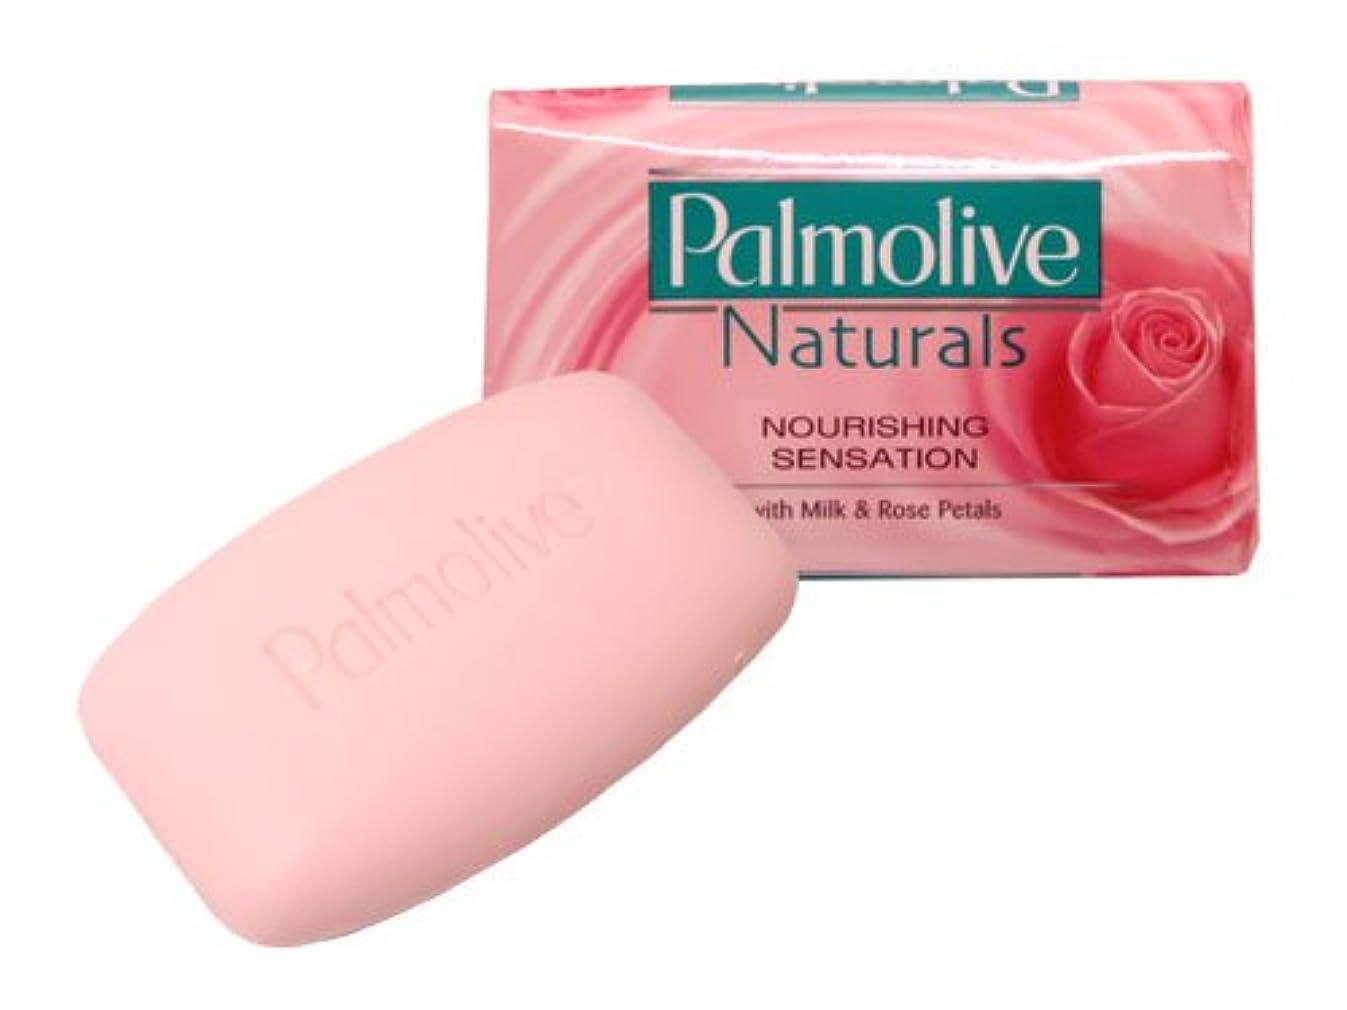 解放切断する卒業【Palmolive】パルモリーブ ナチュラルズ石鹸3個パック(ミルク&ローズ)